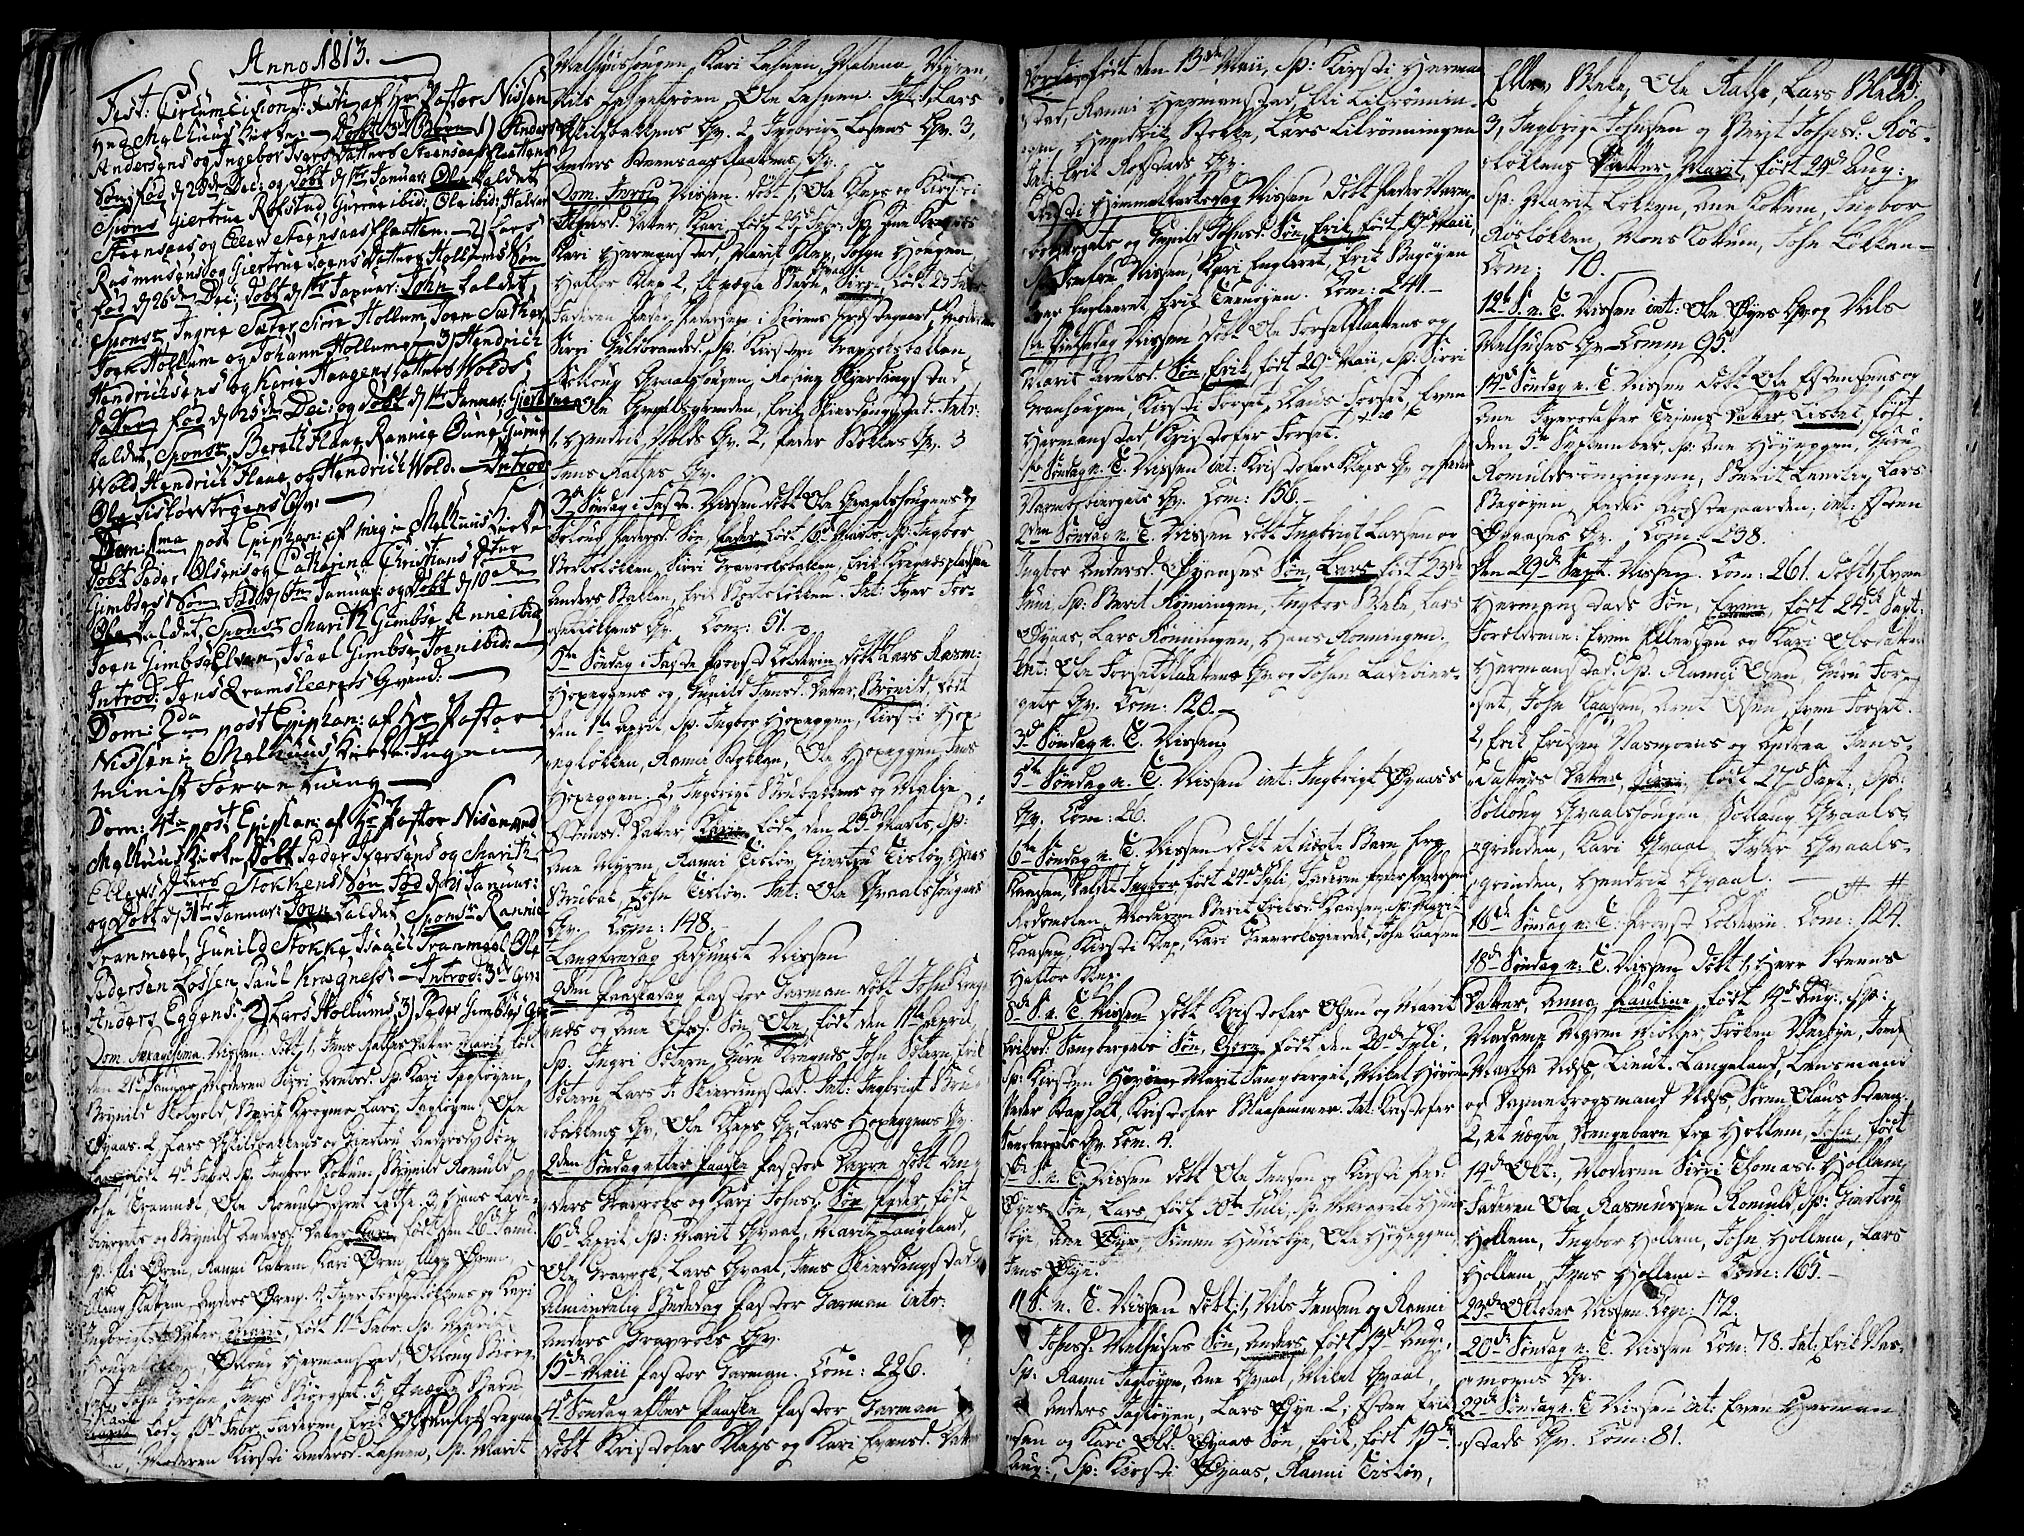 SAT, Ministerialprotokoller, klokkerbøker og fødselsregistre - Sør-Trøndelag, 691/L1061: Ministerialbok nr. 691A02 /1, 1768-1815, s. 41